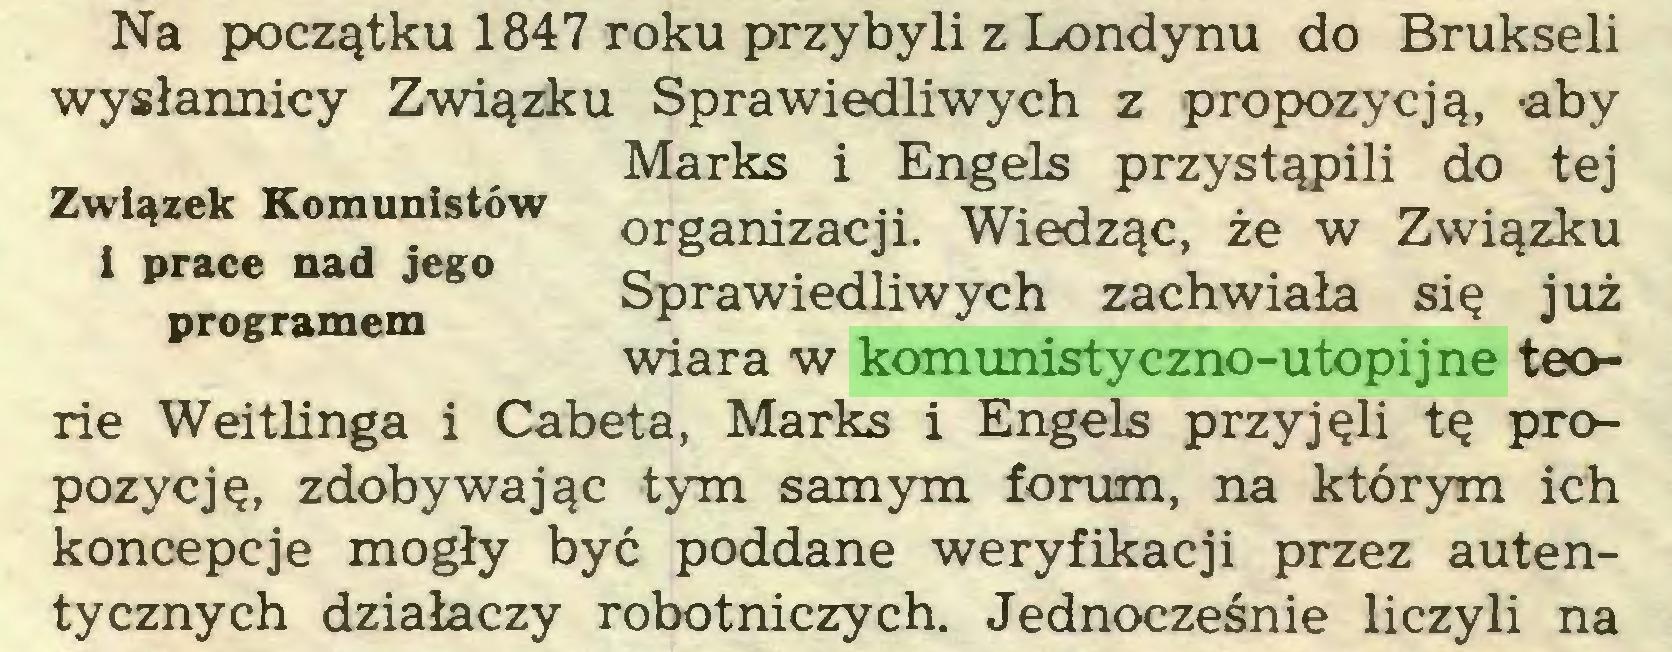 (...) Na początku 1847 roku przybyli z Londynu do Brukseli wysłannicy Związku Sprawiedliwych z propozycją, -aby Marks i Engels przystąpili do tej Związek Komunistów organlzacji. wiedząc, że w Związku prace na jego Sprawiedliwych zachwiała się już programem , wiara w komunistyczno-utopijne teorie Weitlinga i Cabeta, Marks i Engels przyjęli tę propozycję, zdobywając tym samym forum, na którym ich koncepcje mogły być poddane weryfikacji przez autentycznych działaczy robotniczych. Jednocześnie liczyli na...